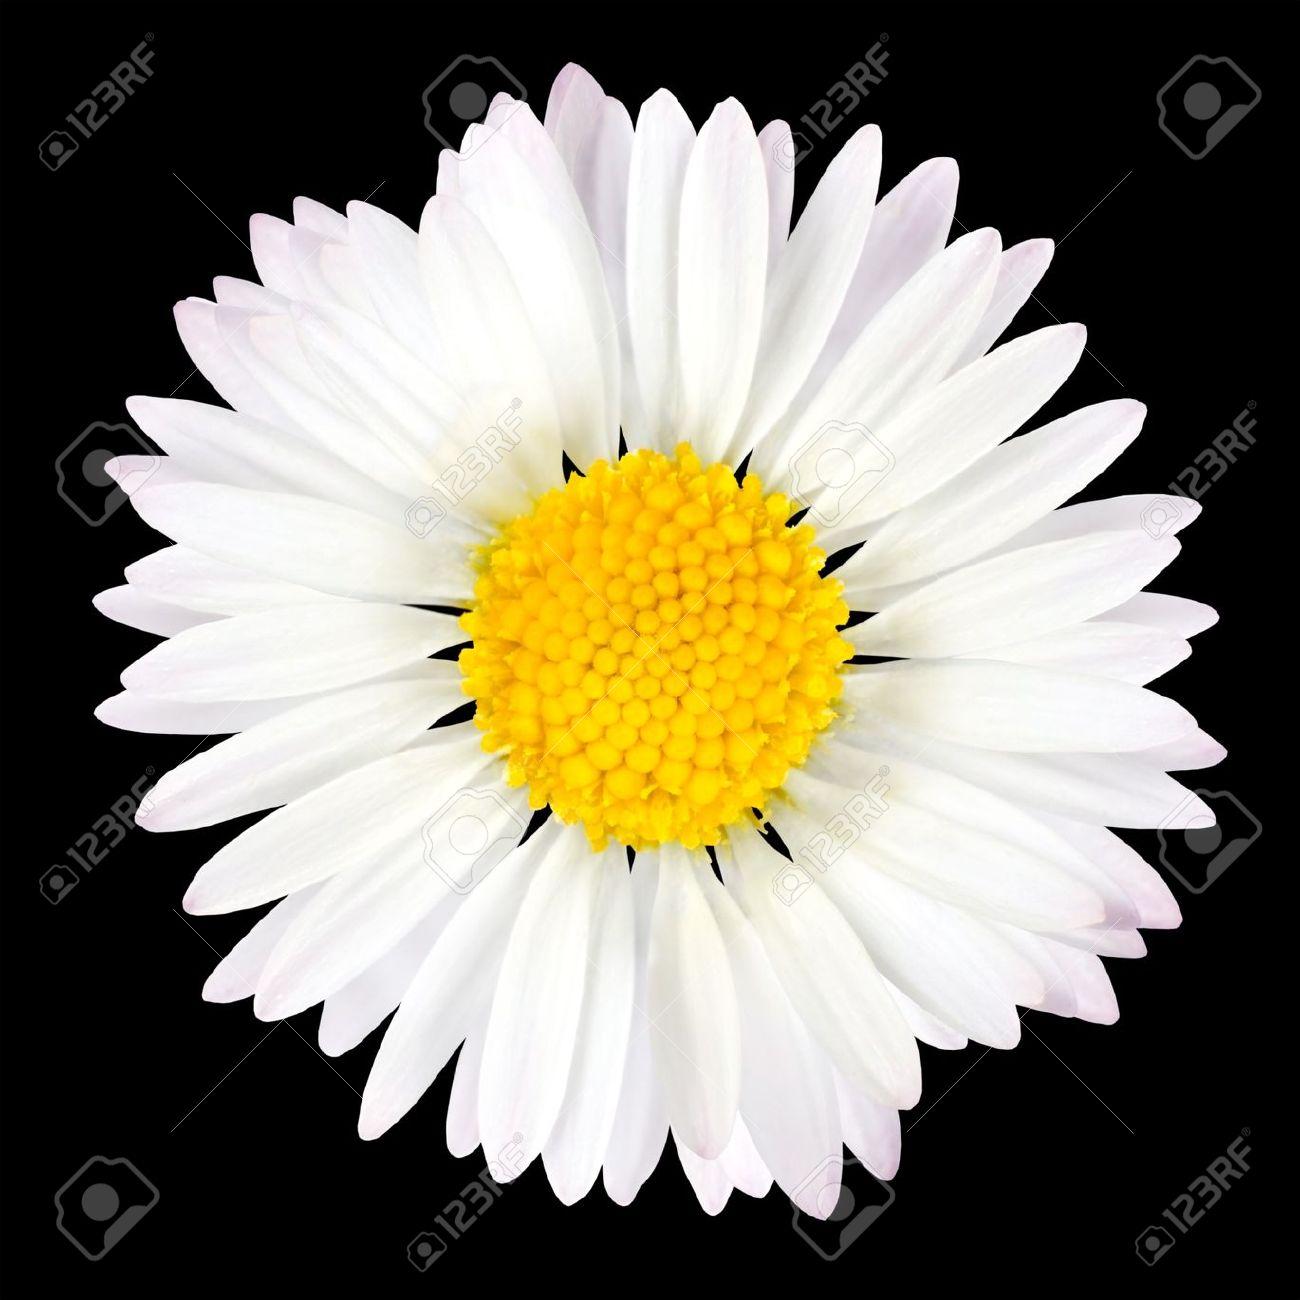 De Fleur De Marguerite Isole Sur Fond Noir Blanc Avec Centre Jaune